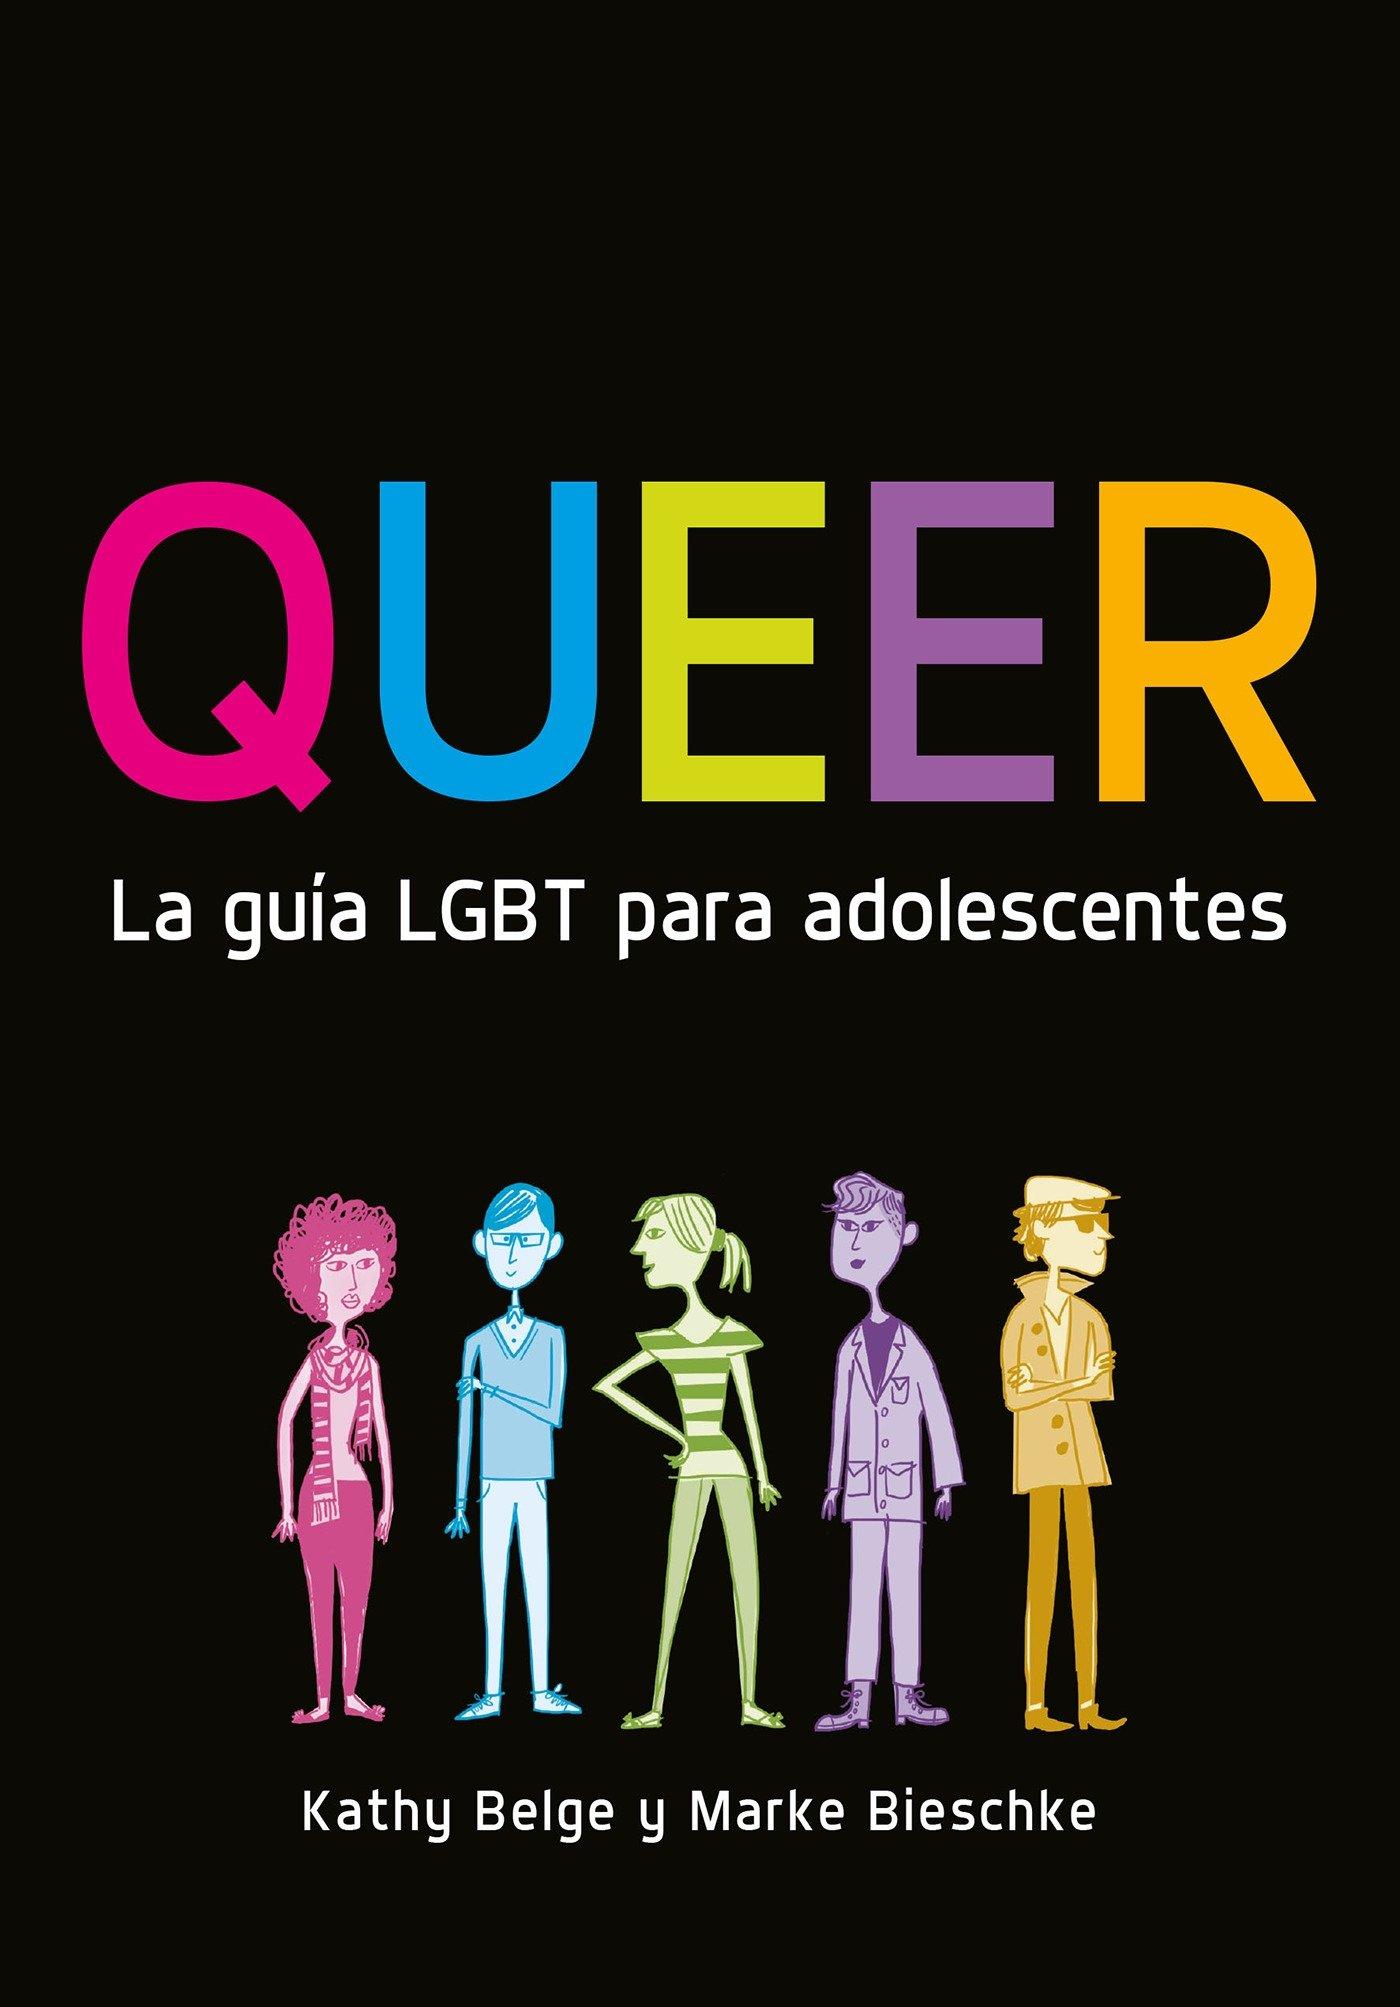 Queer: La Guía Lgbt Para Adolescentes: Amazon.es: Kathy Belge, Marke Bieschke: Libros